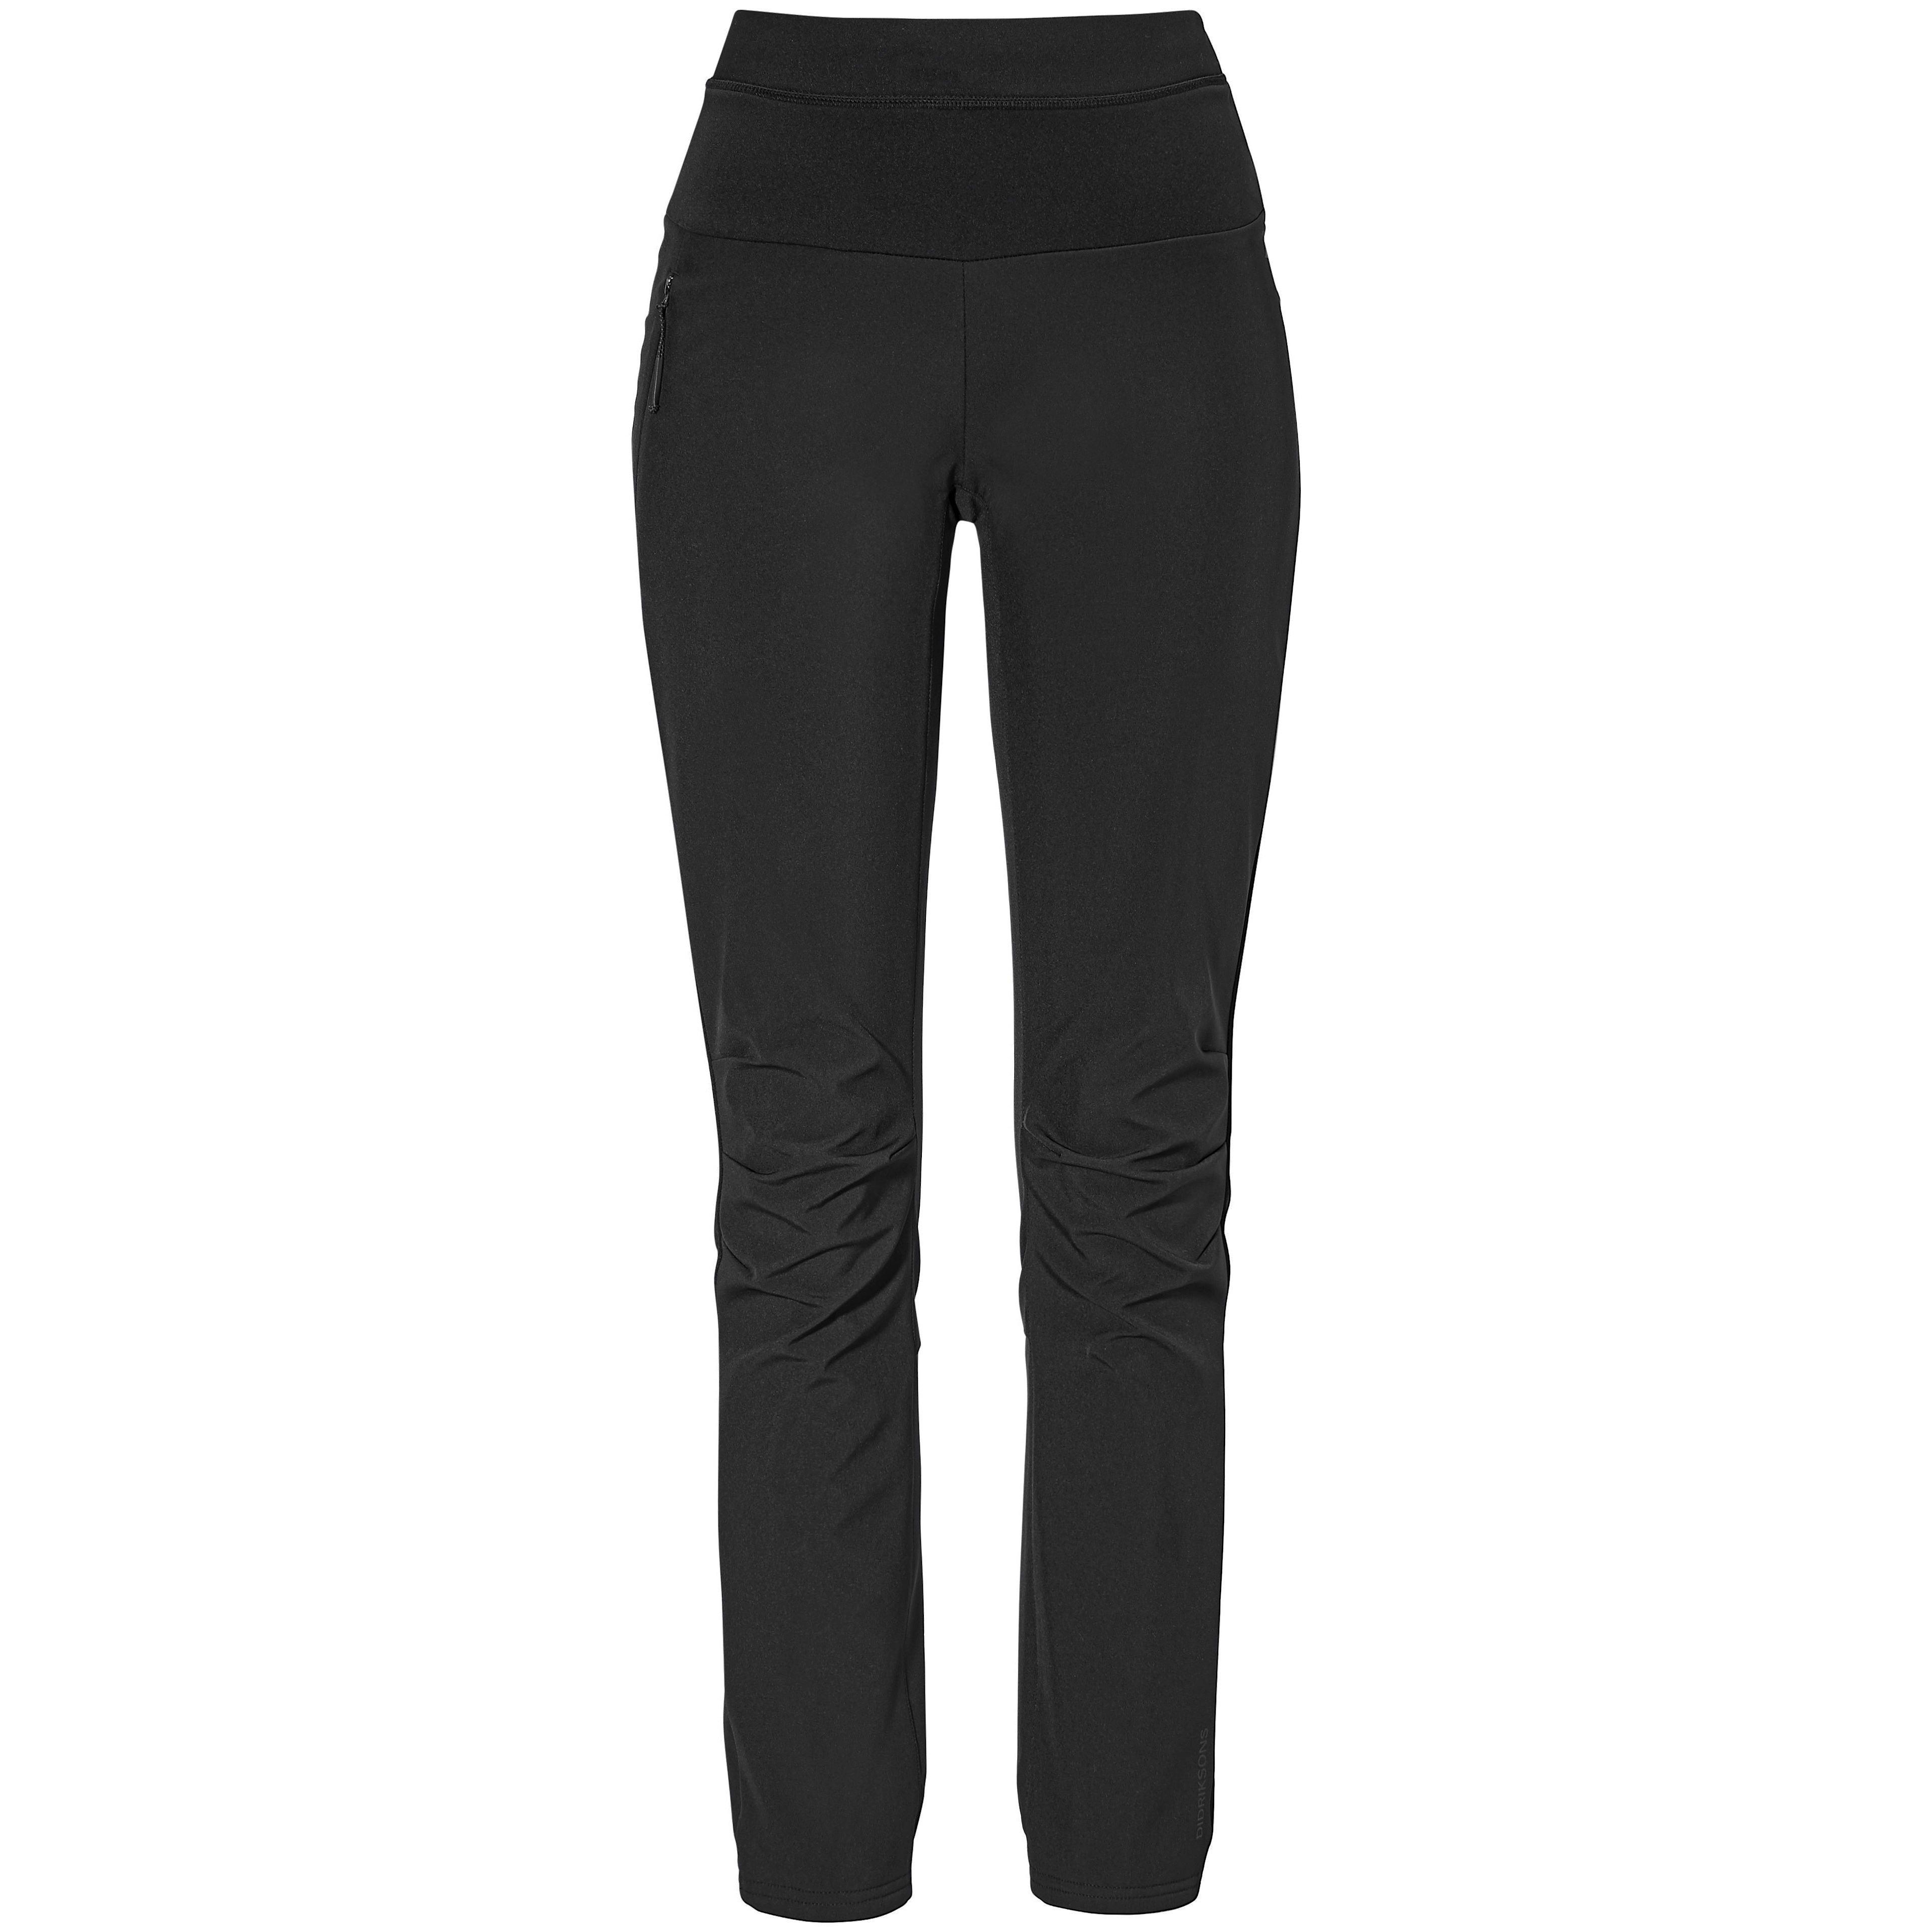 Flakk Women's Pants 2